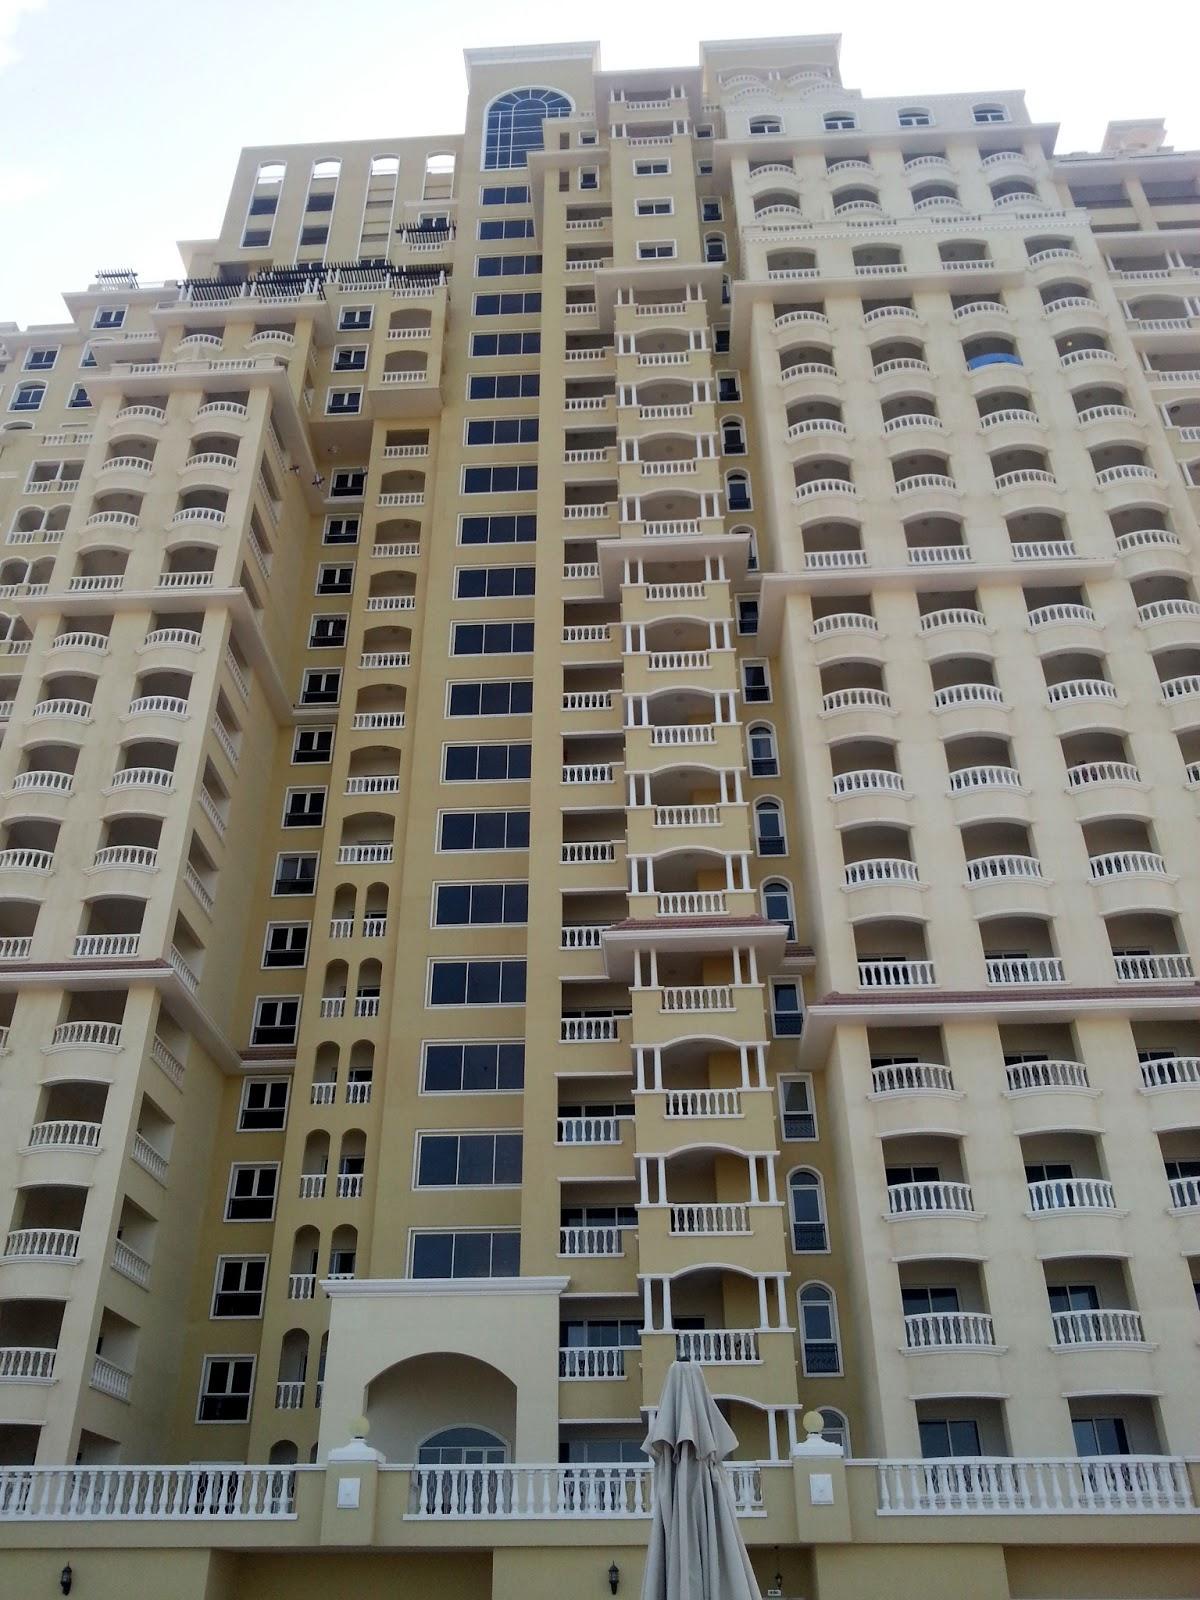 Royal Breeze, Al Hamra Village (Al Hamra Group L.L.C.)